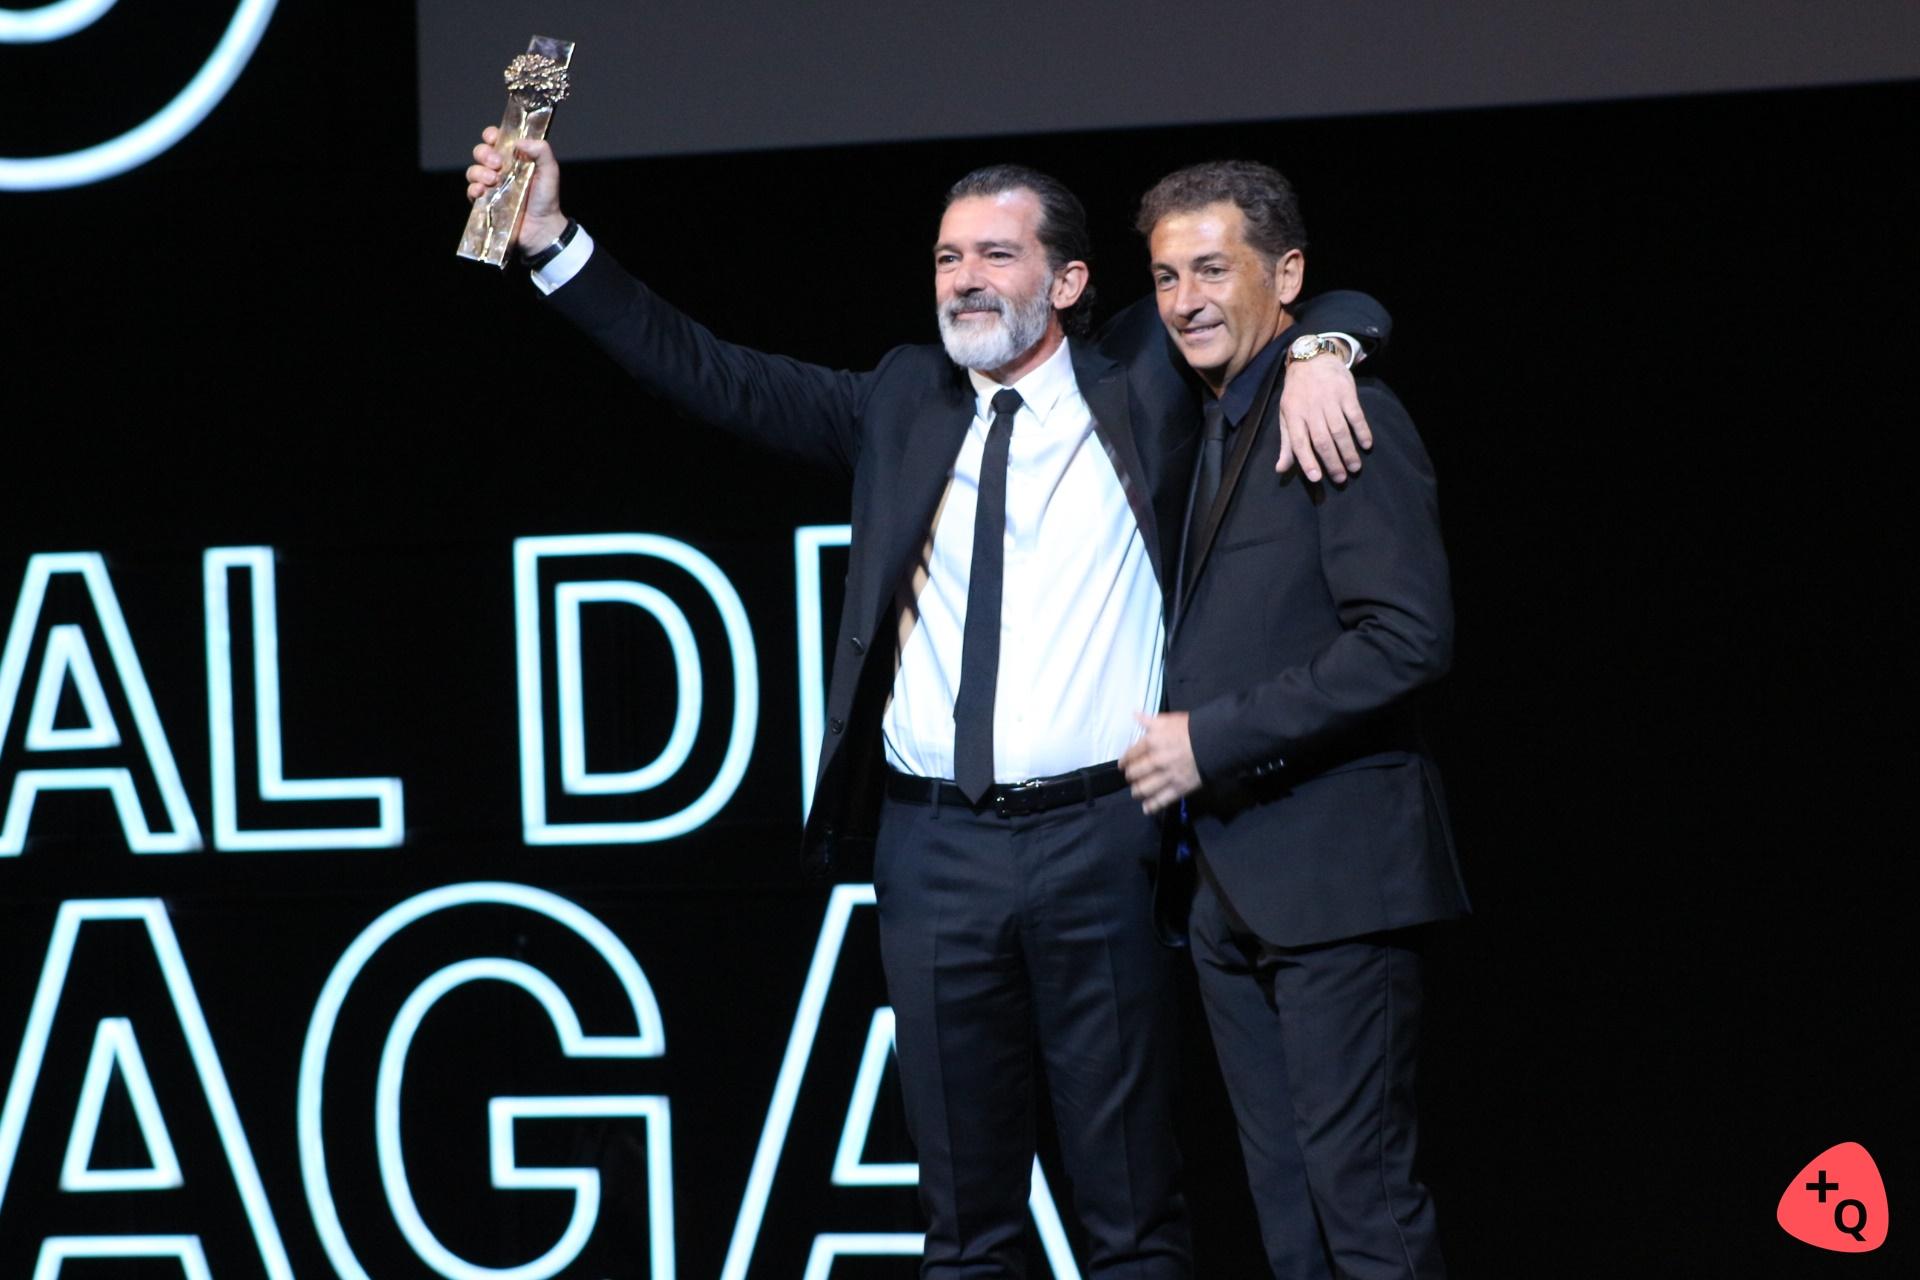 Antonio Banderas, junto a su hermano, recogiendo la biznaga honorífica (© 2017 Paloma Martos)